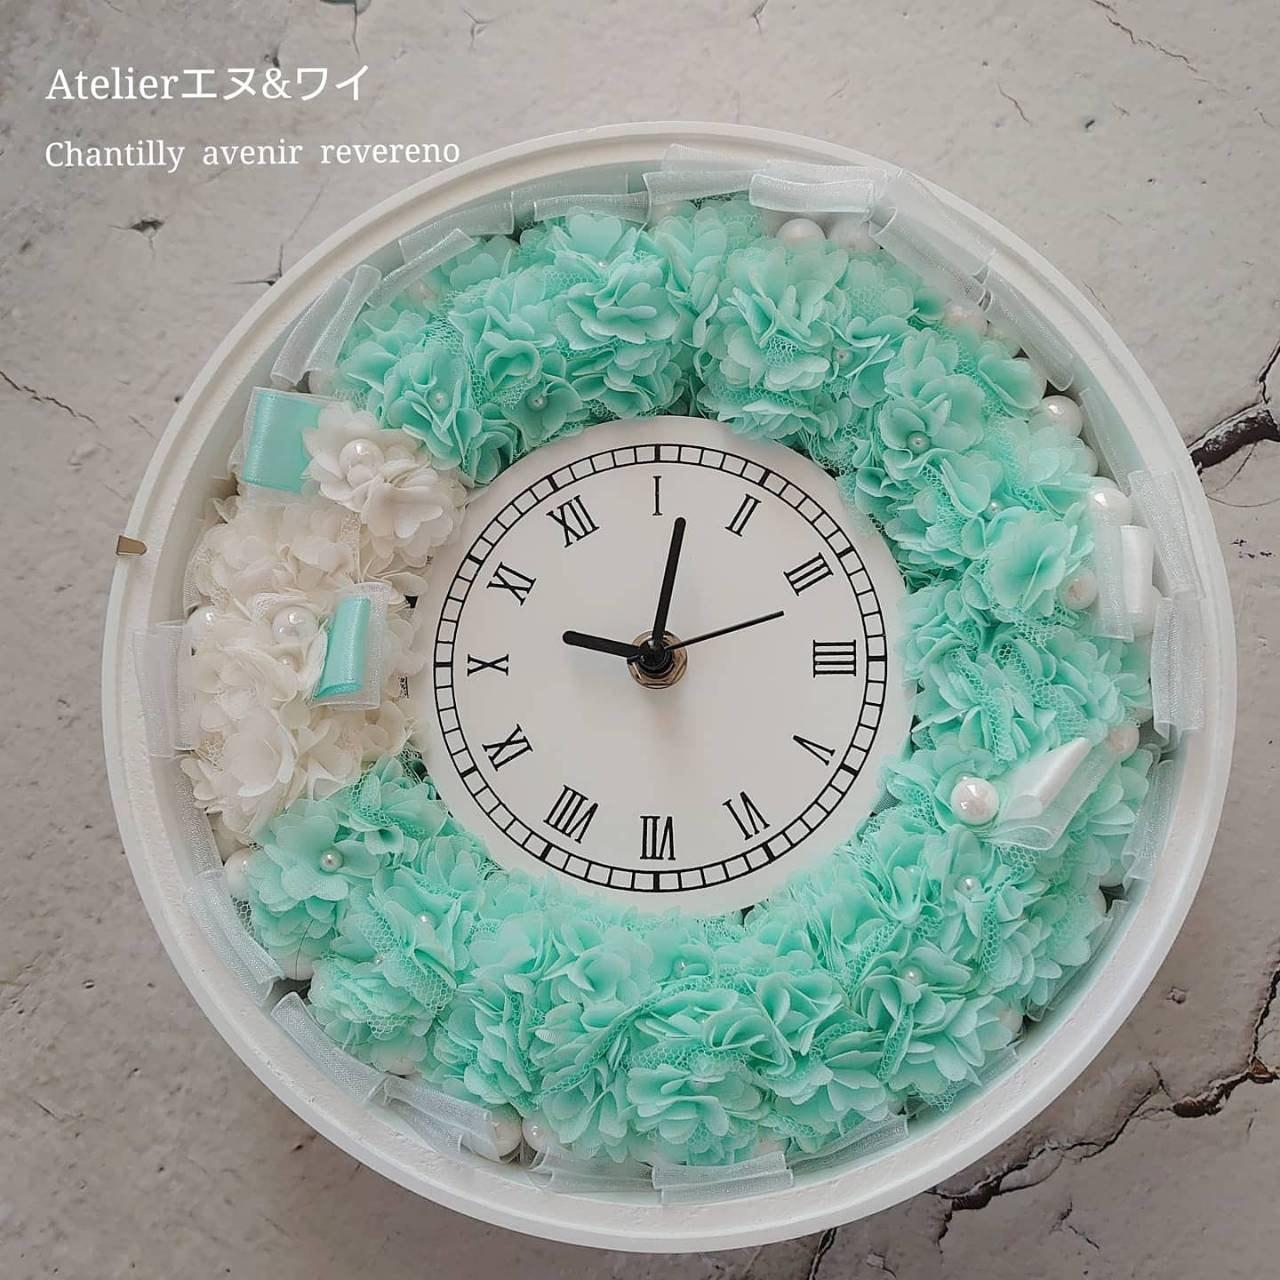 リース交換可能な時計 リベリーノシャンティ アブニール スキルアップレッスンのイメージその1